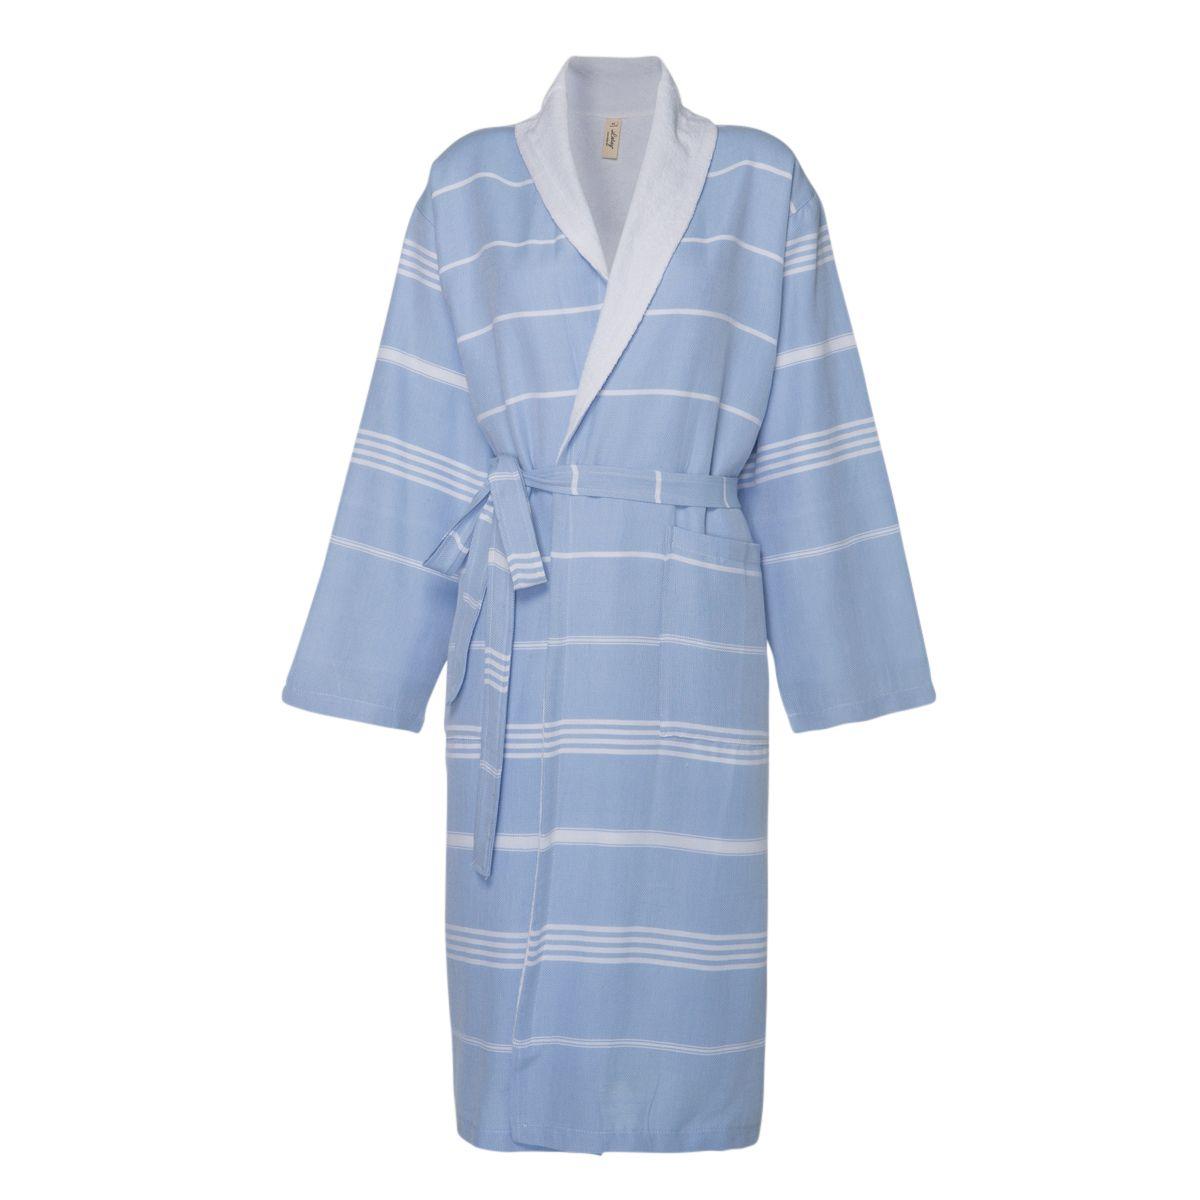 Bathrobe Leyla / With Towel Lining - Blue